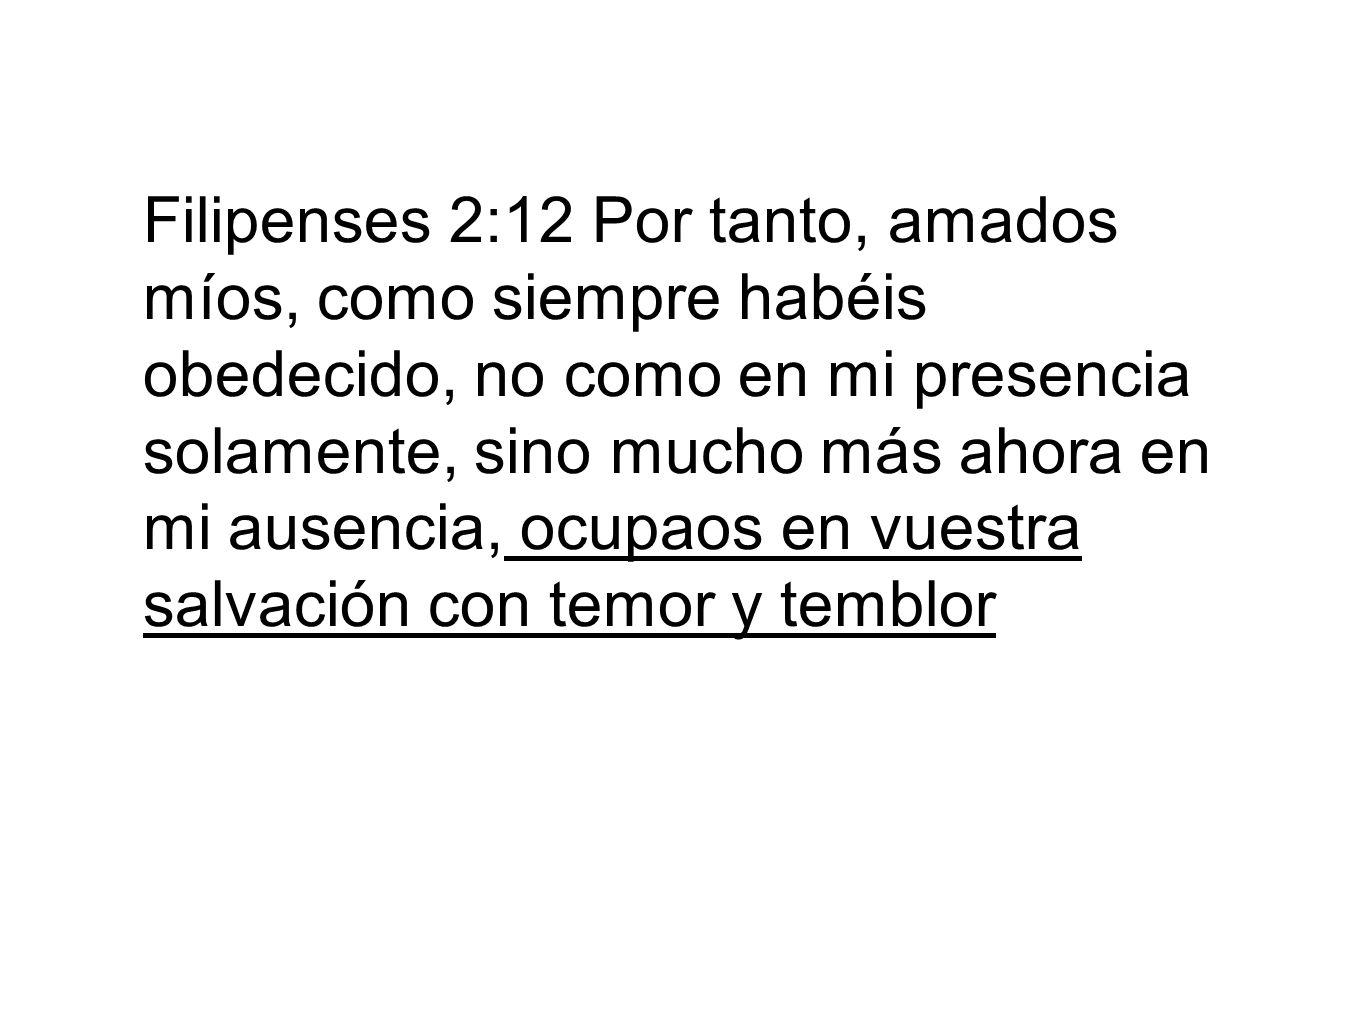 Filipenses 2:12 Por tanto, amados míos, como siempre habéis obedecido, no como en mi presencia solamente, sino mucho más ahora en mi ausencia, ocupaos